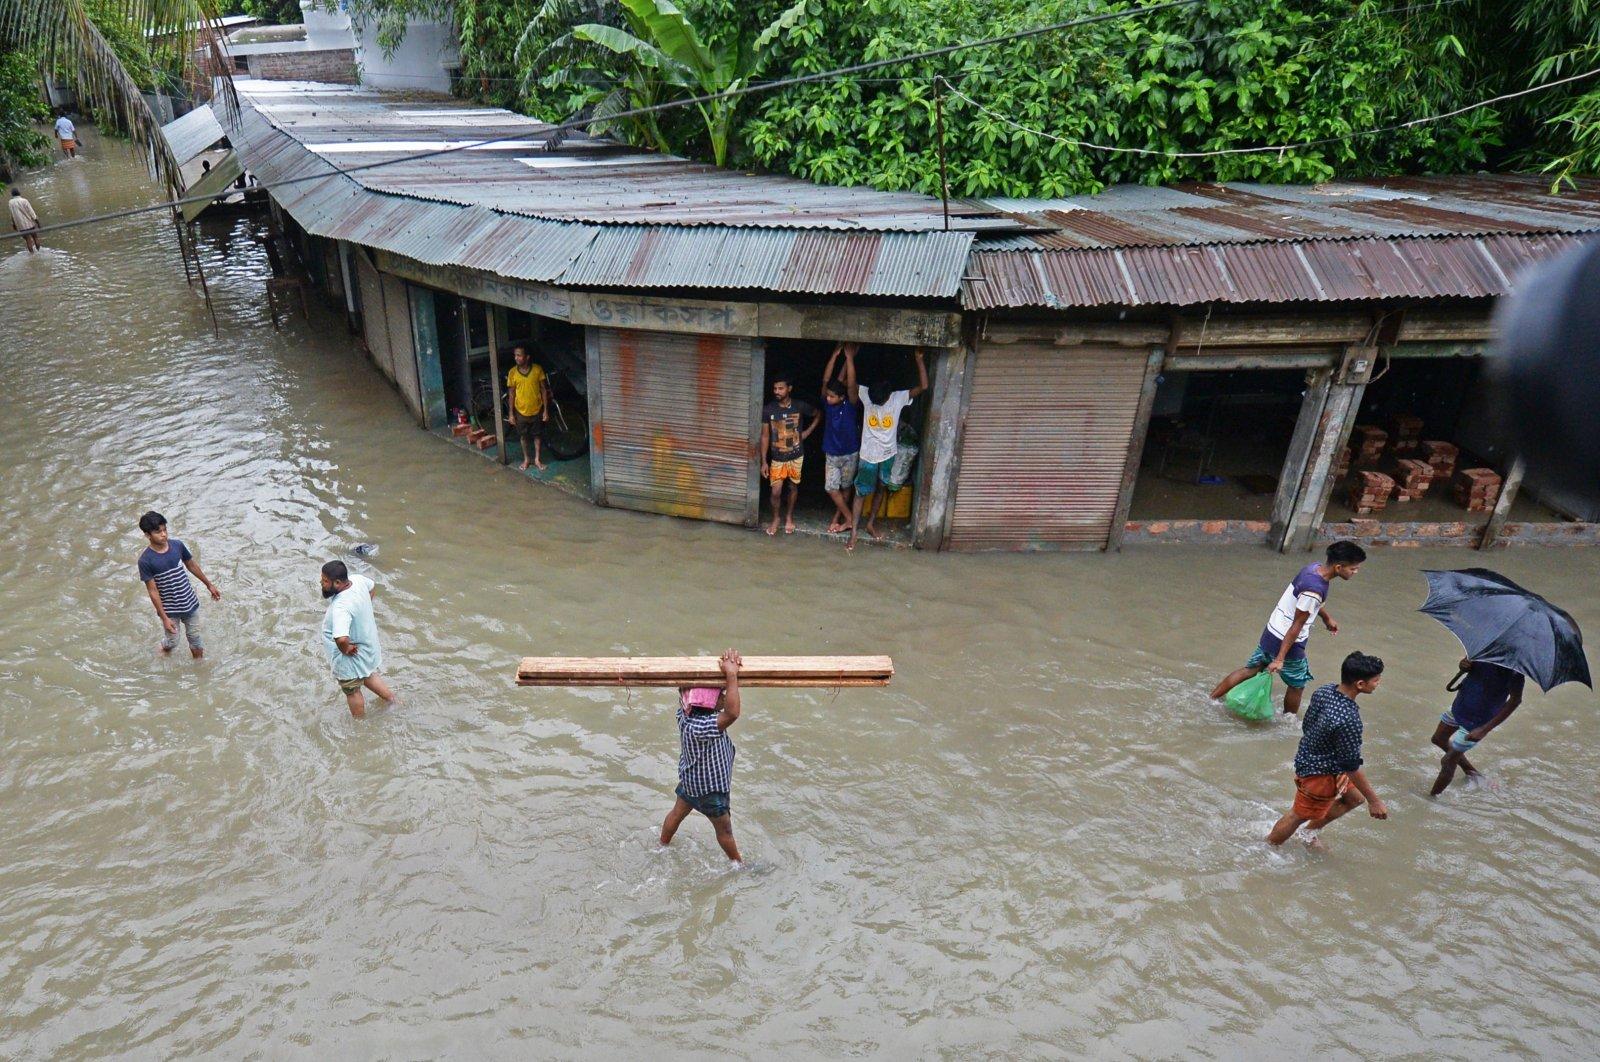 People wade through a flooded street in Sreenagar, Munshiganj, Bangladesh, July 20, 2020. (AFP Photo)